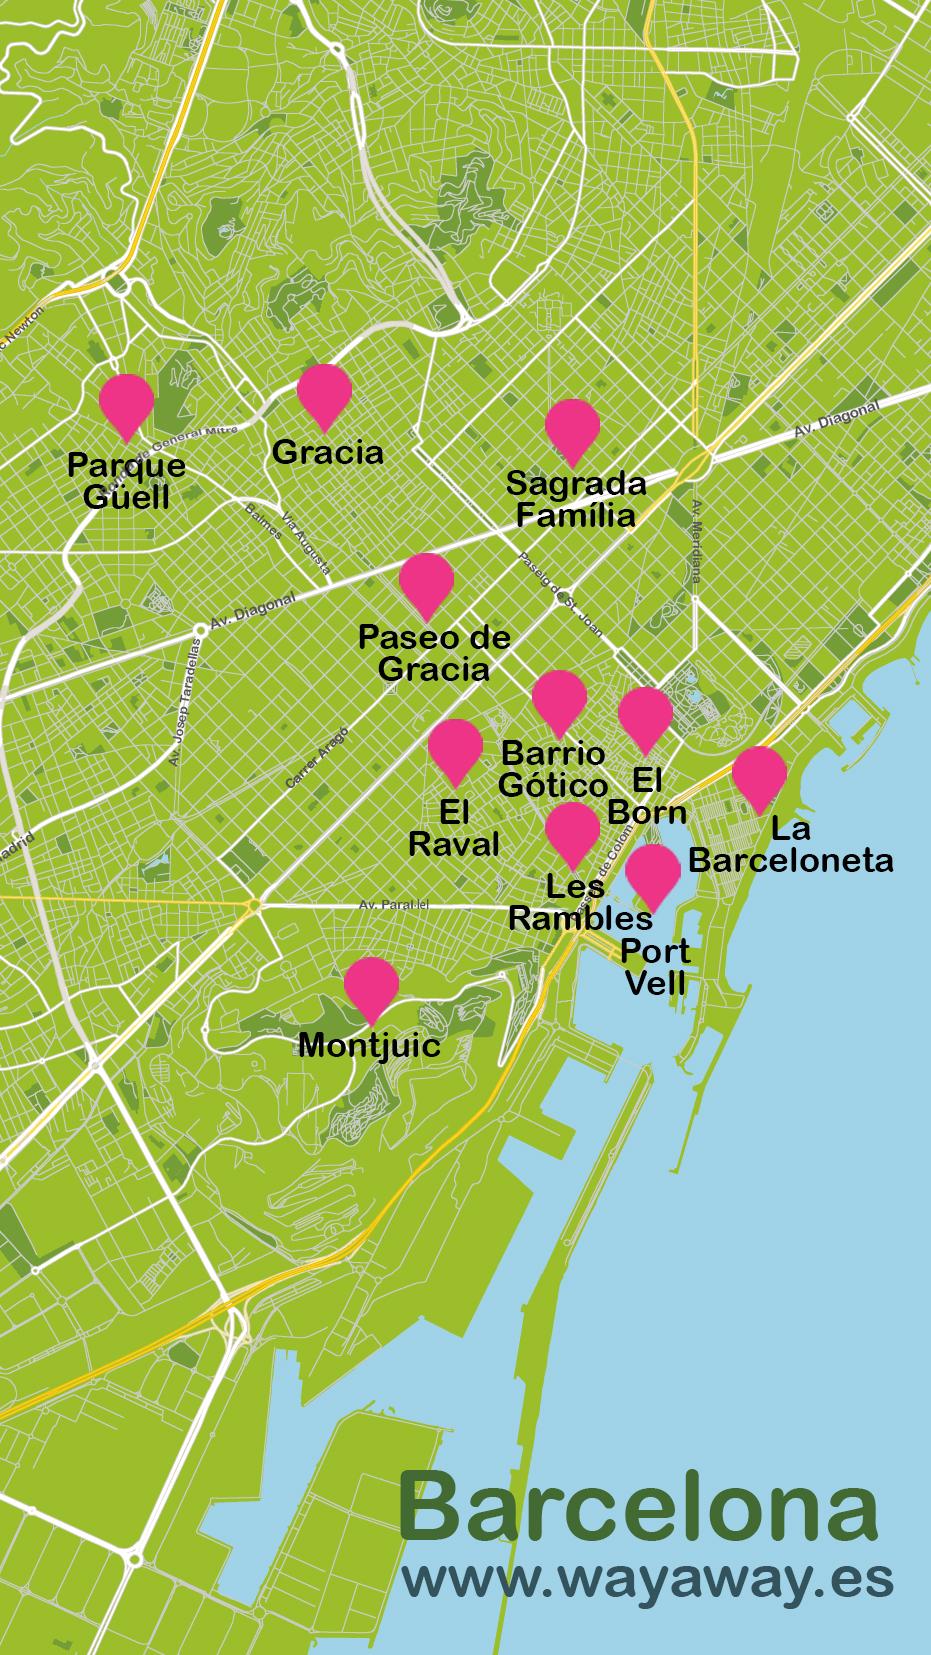 viajar a Barcelona en 4 días